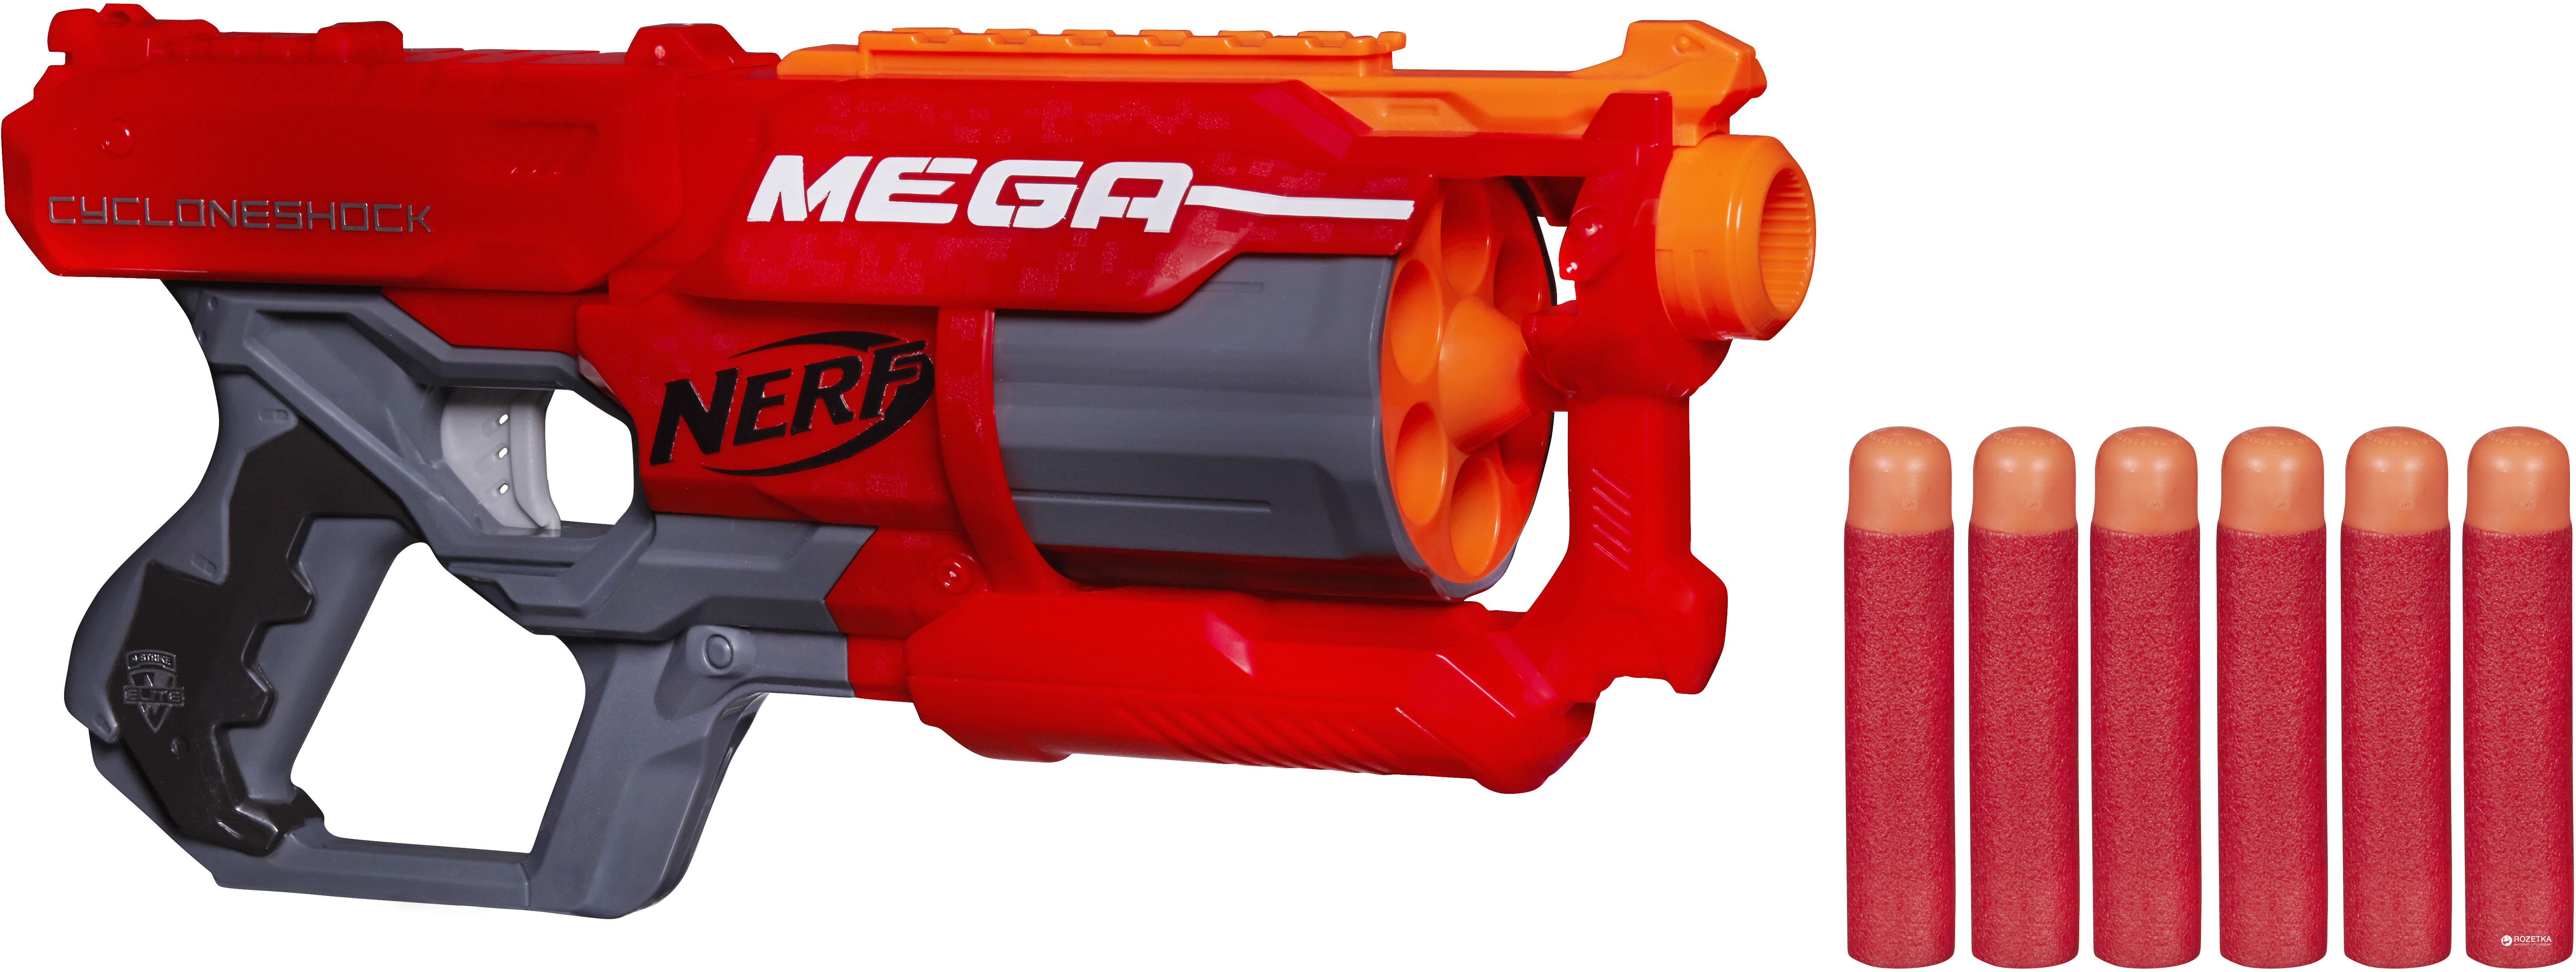 pistolet mega nerf